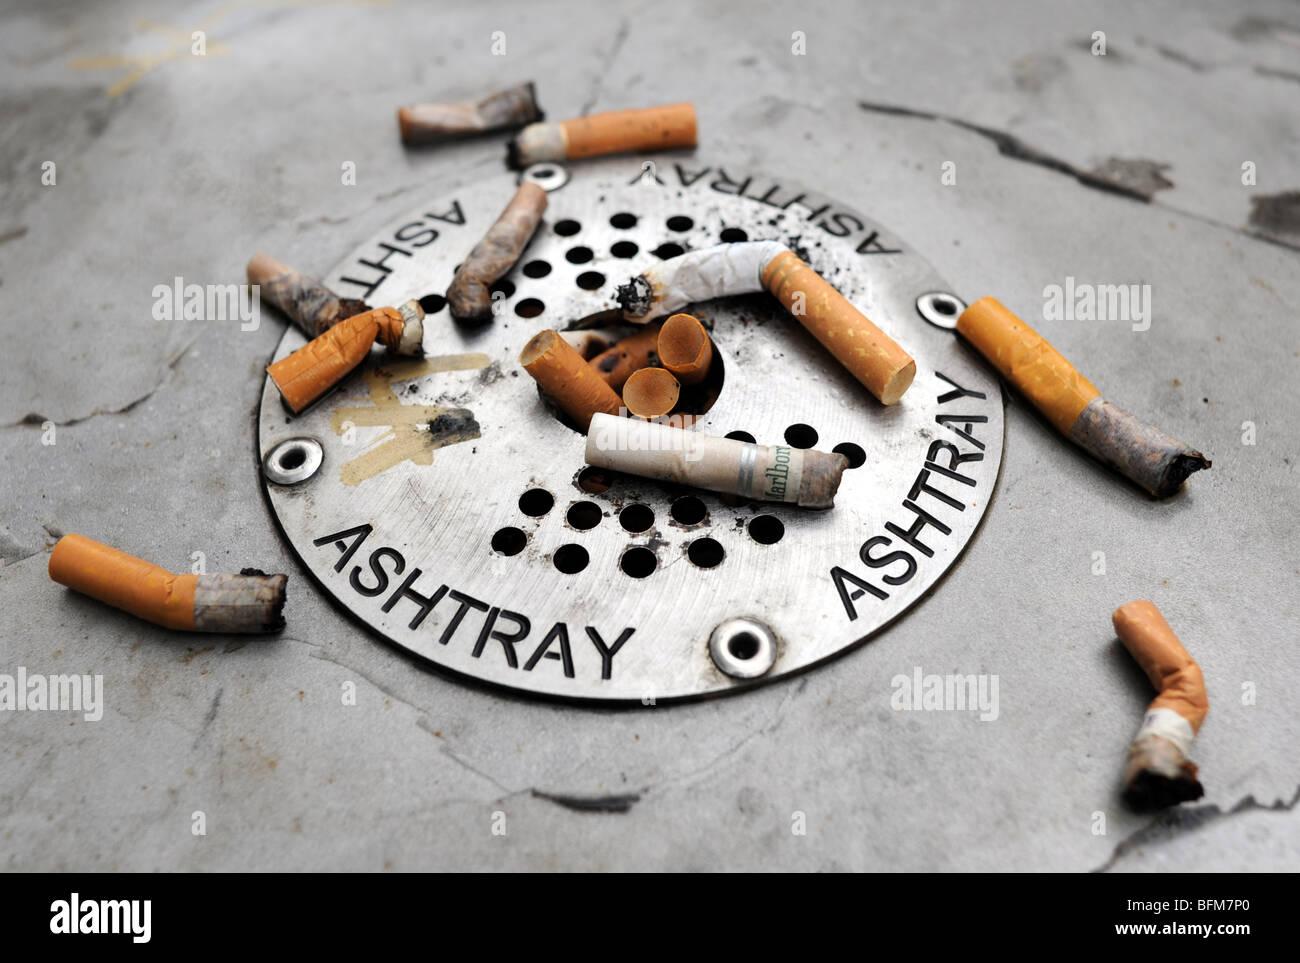 Da Parete Cenere Bidone Posacenere Vassoio Esterno Sigarette FAG Secchio Pub Box